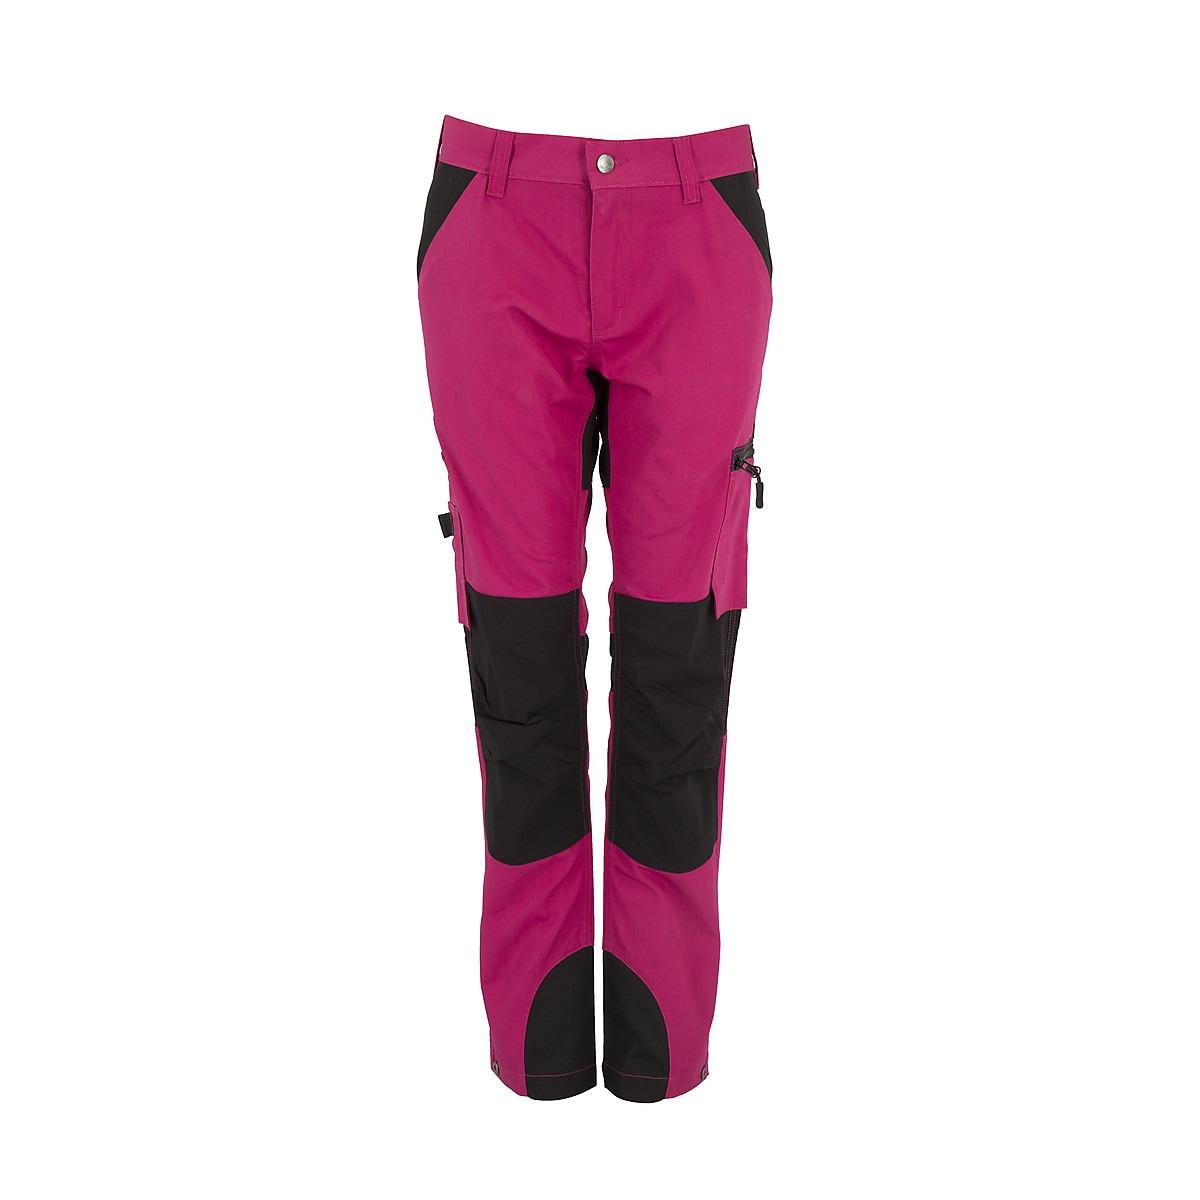 Arbetsbyxor stretch dam rosa